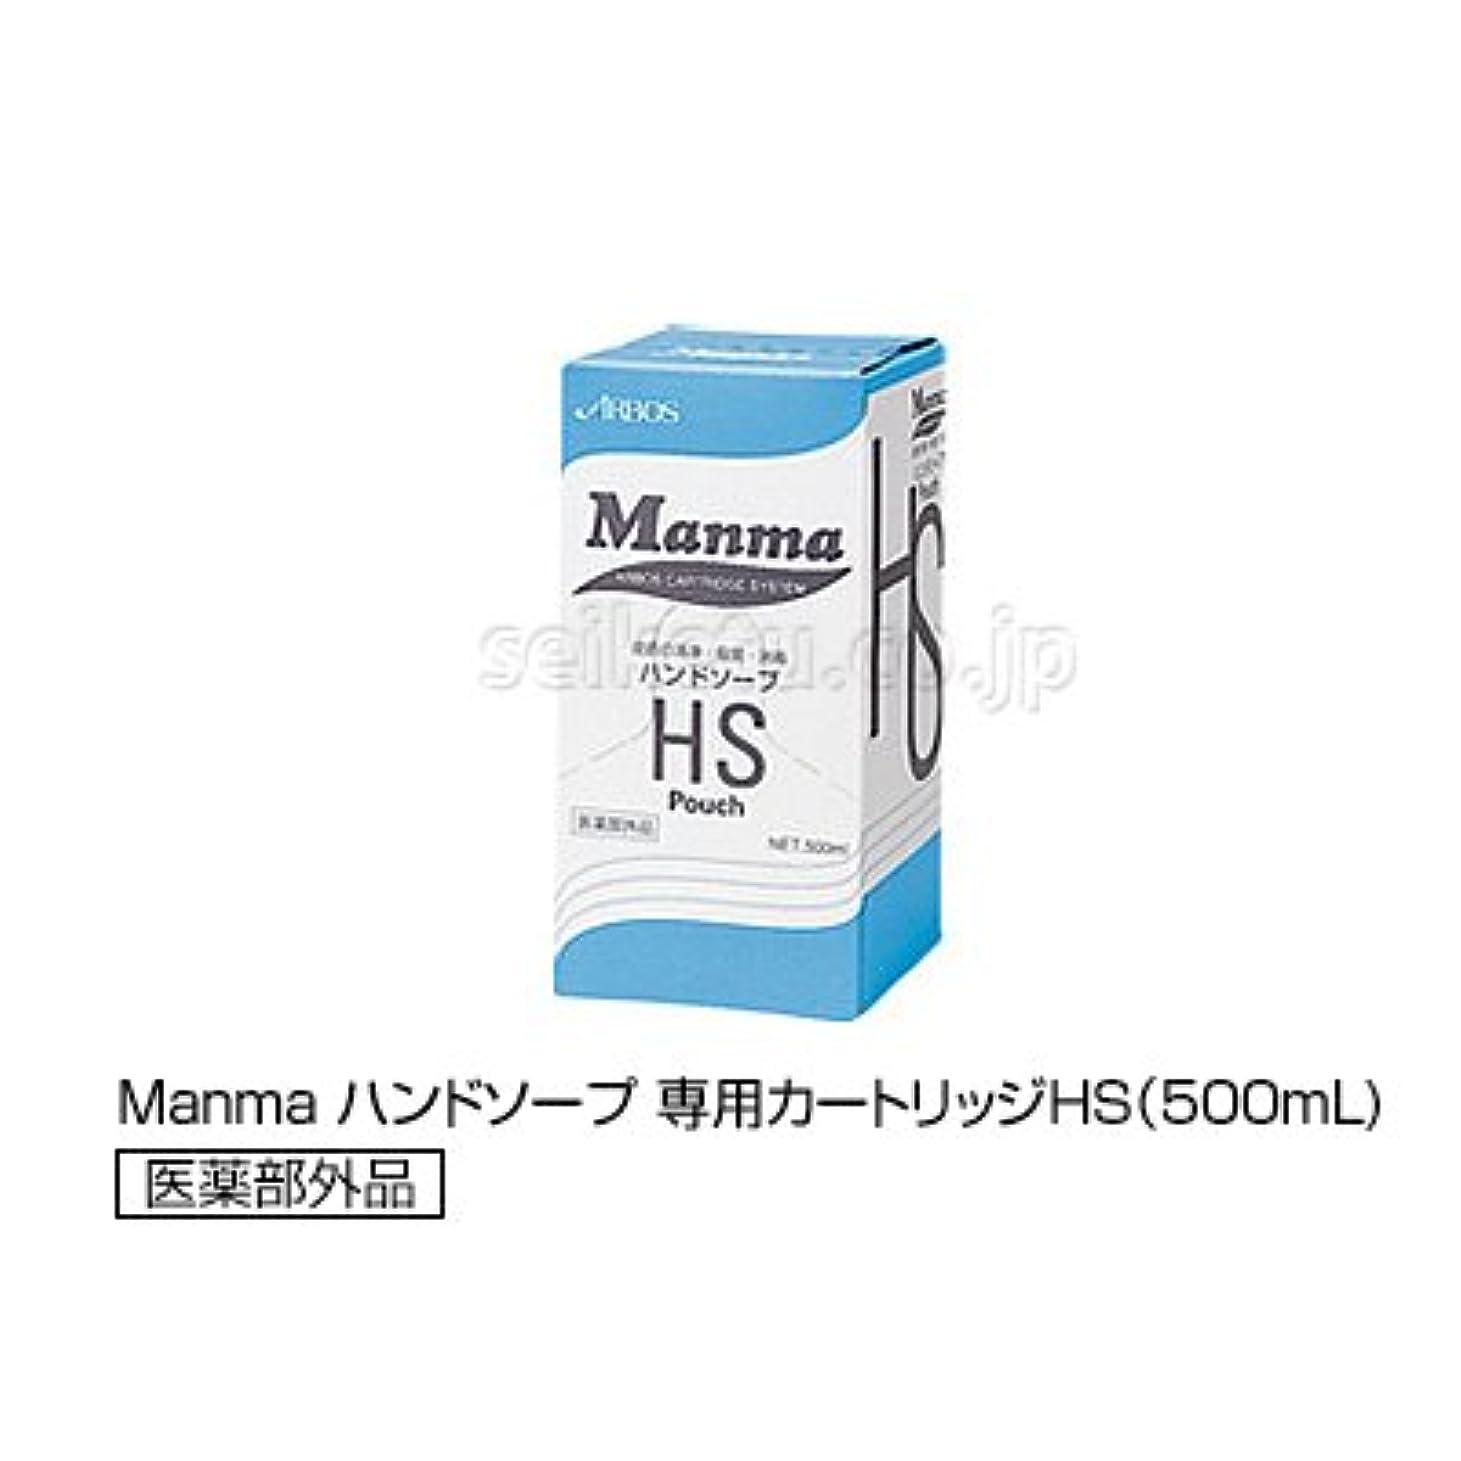 石油オートマトン宙返りManma ハンドソープ 専用カートリッジ/専用カートリッジHS(500mL)【清潔キレイ館】